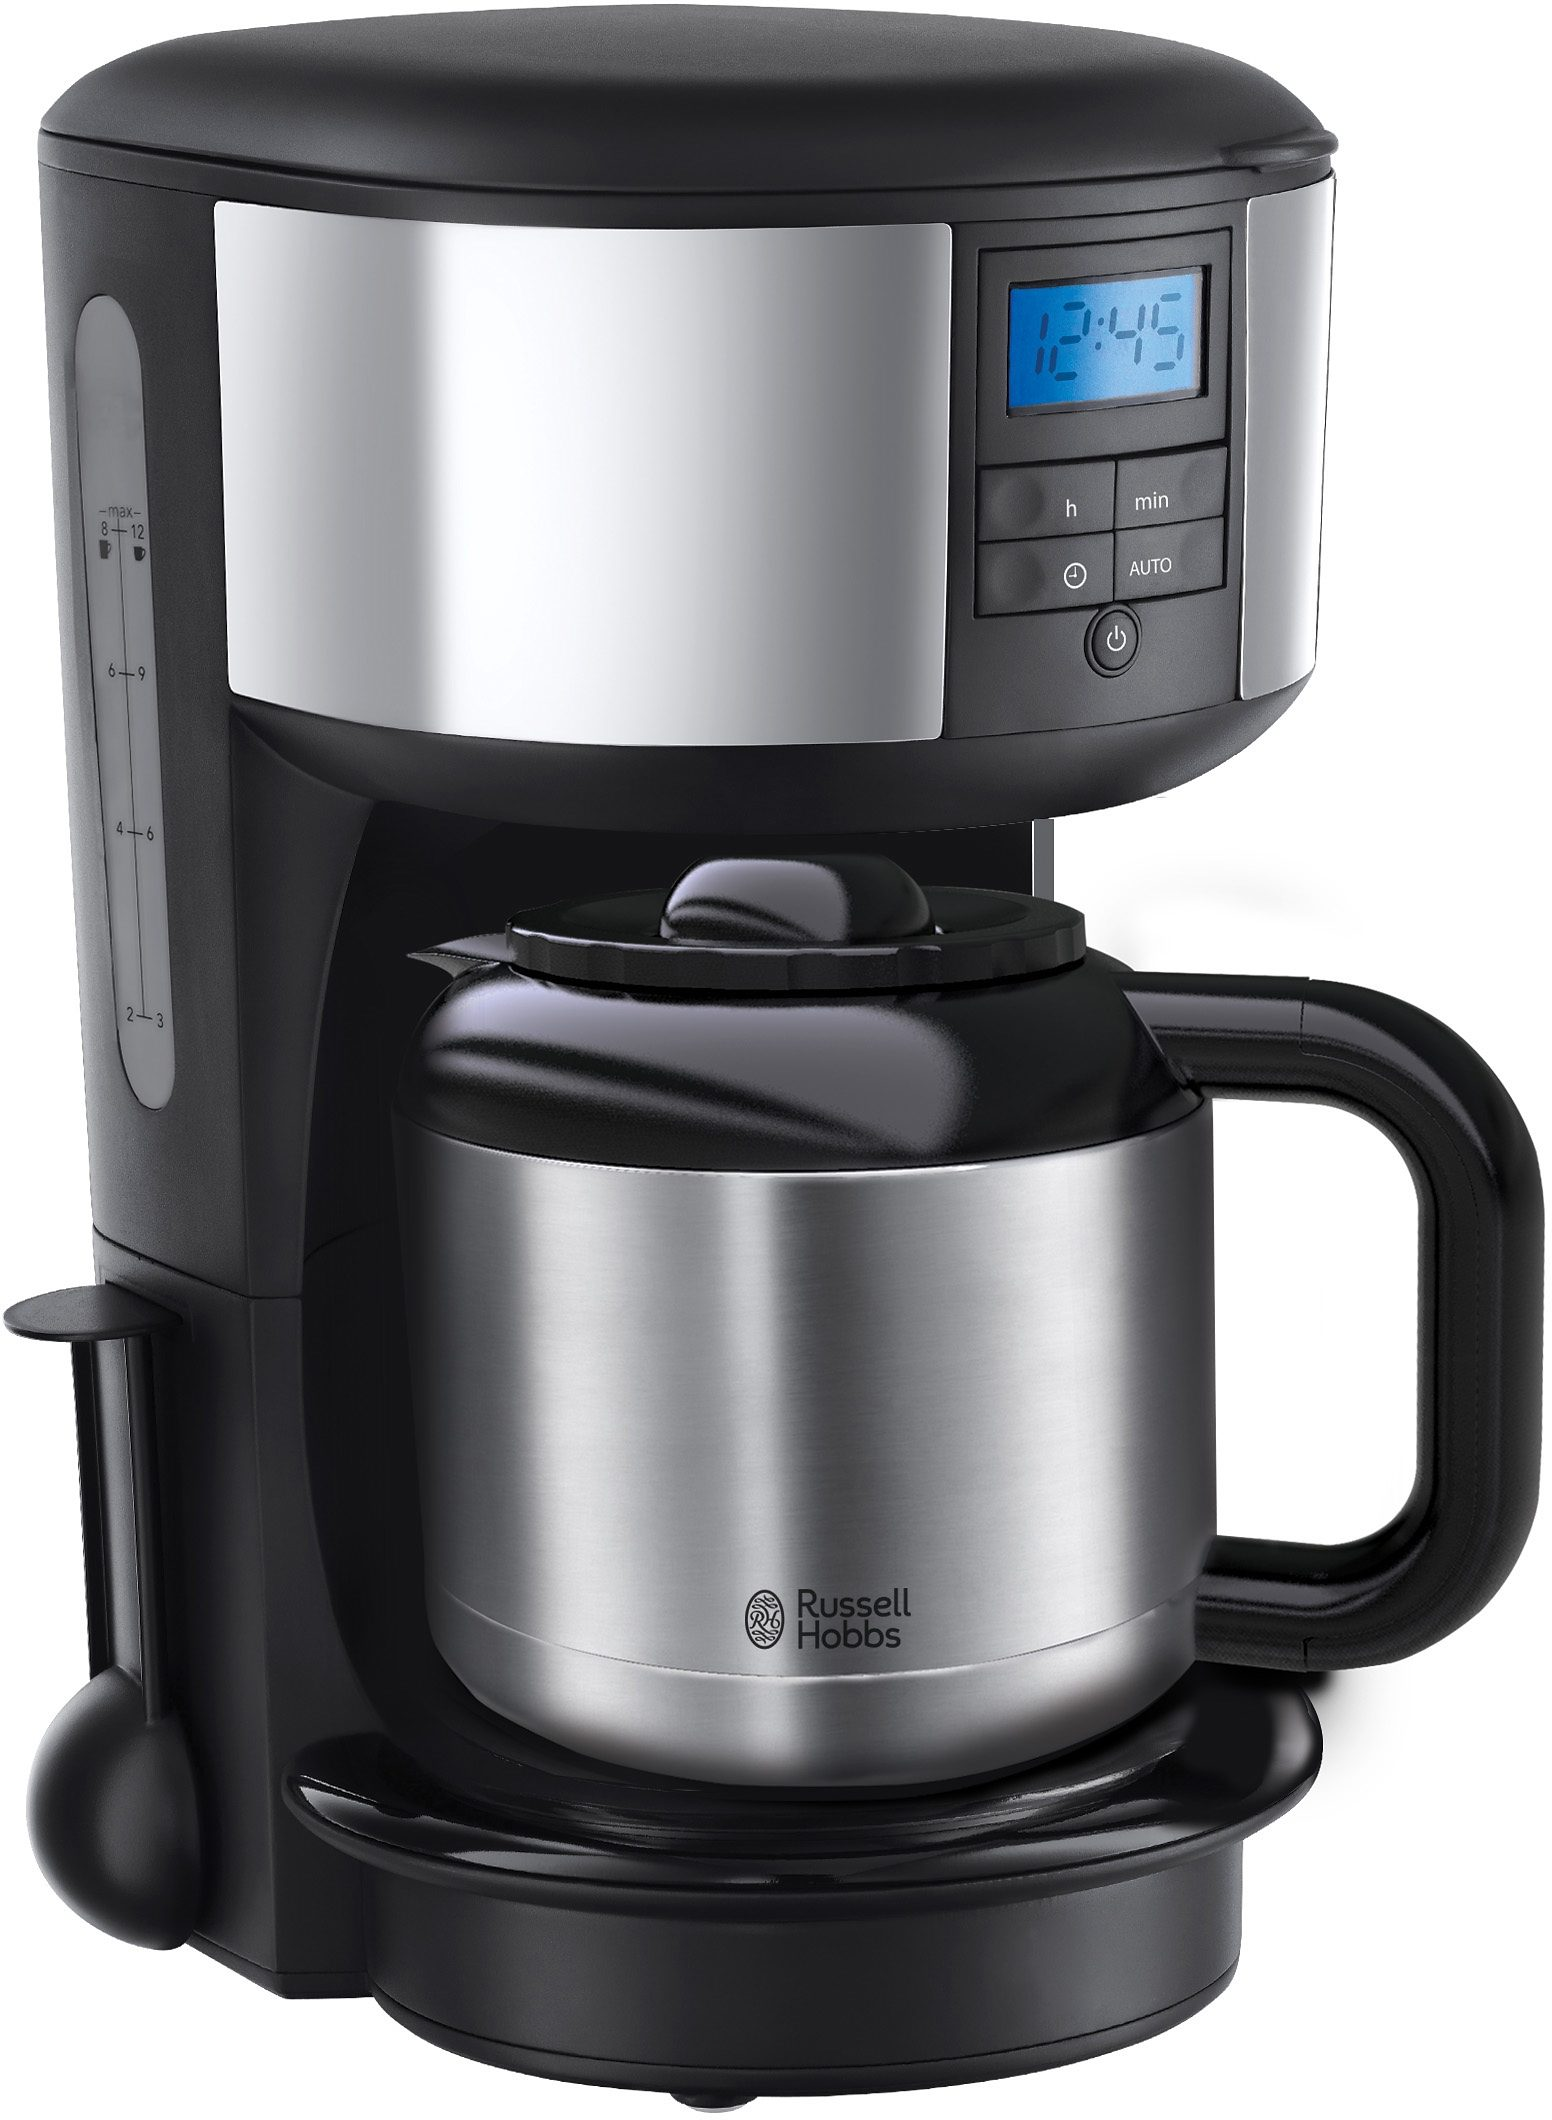 Russell Hobbs Digitale Thermo-Kaffeemaschine 20670-56 Chester, für 1,1 Liter, 1000 Watt